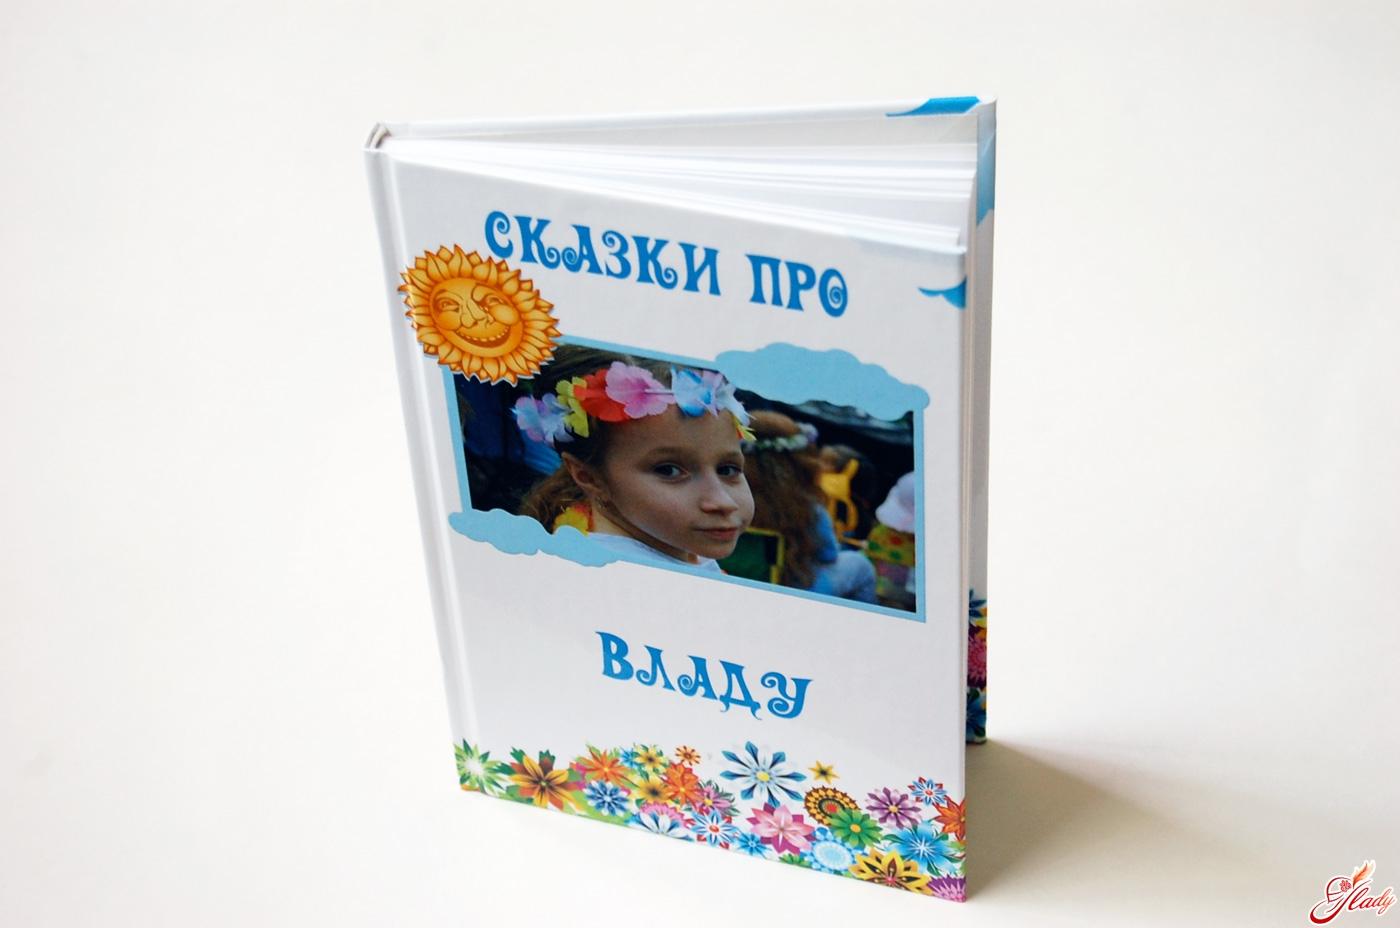 Книга персональная в подарок